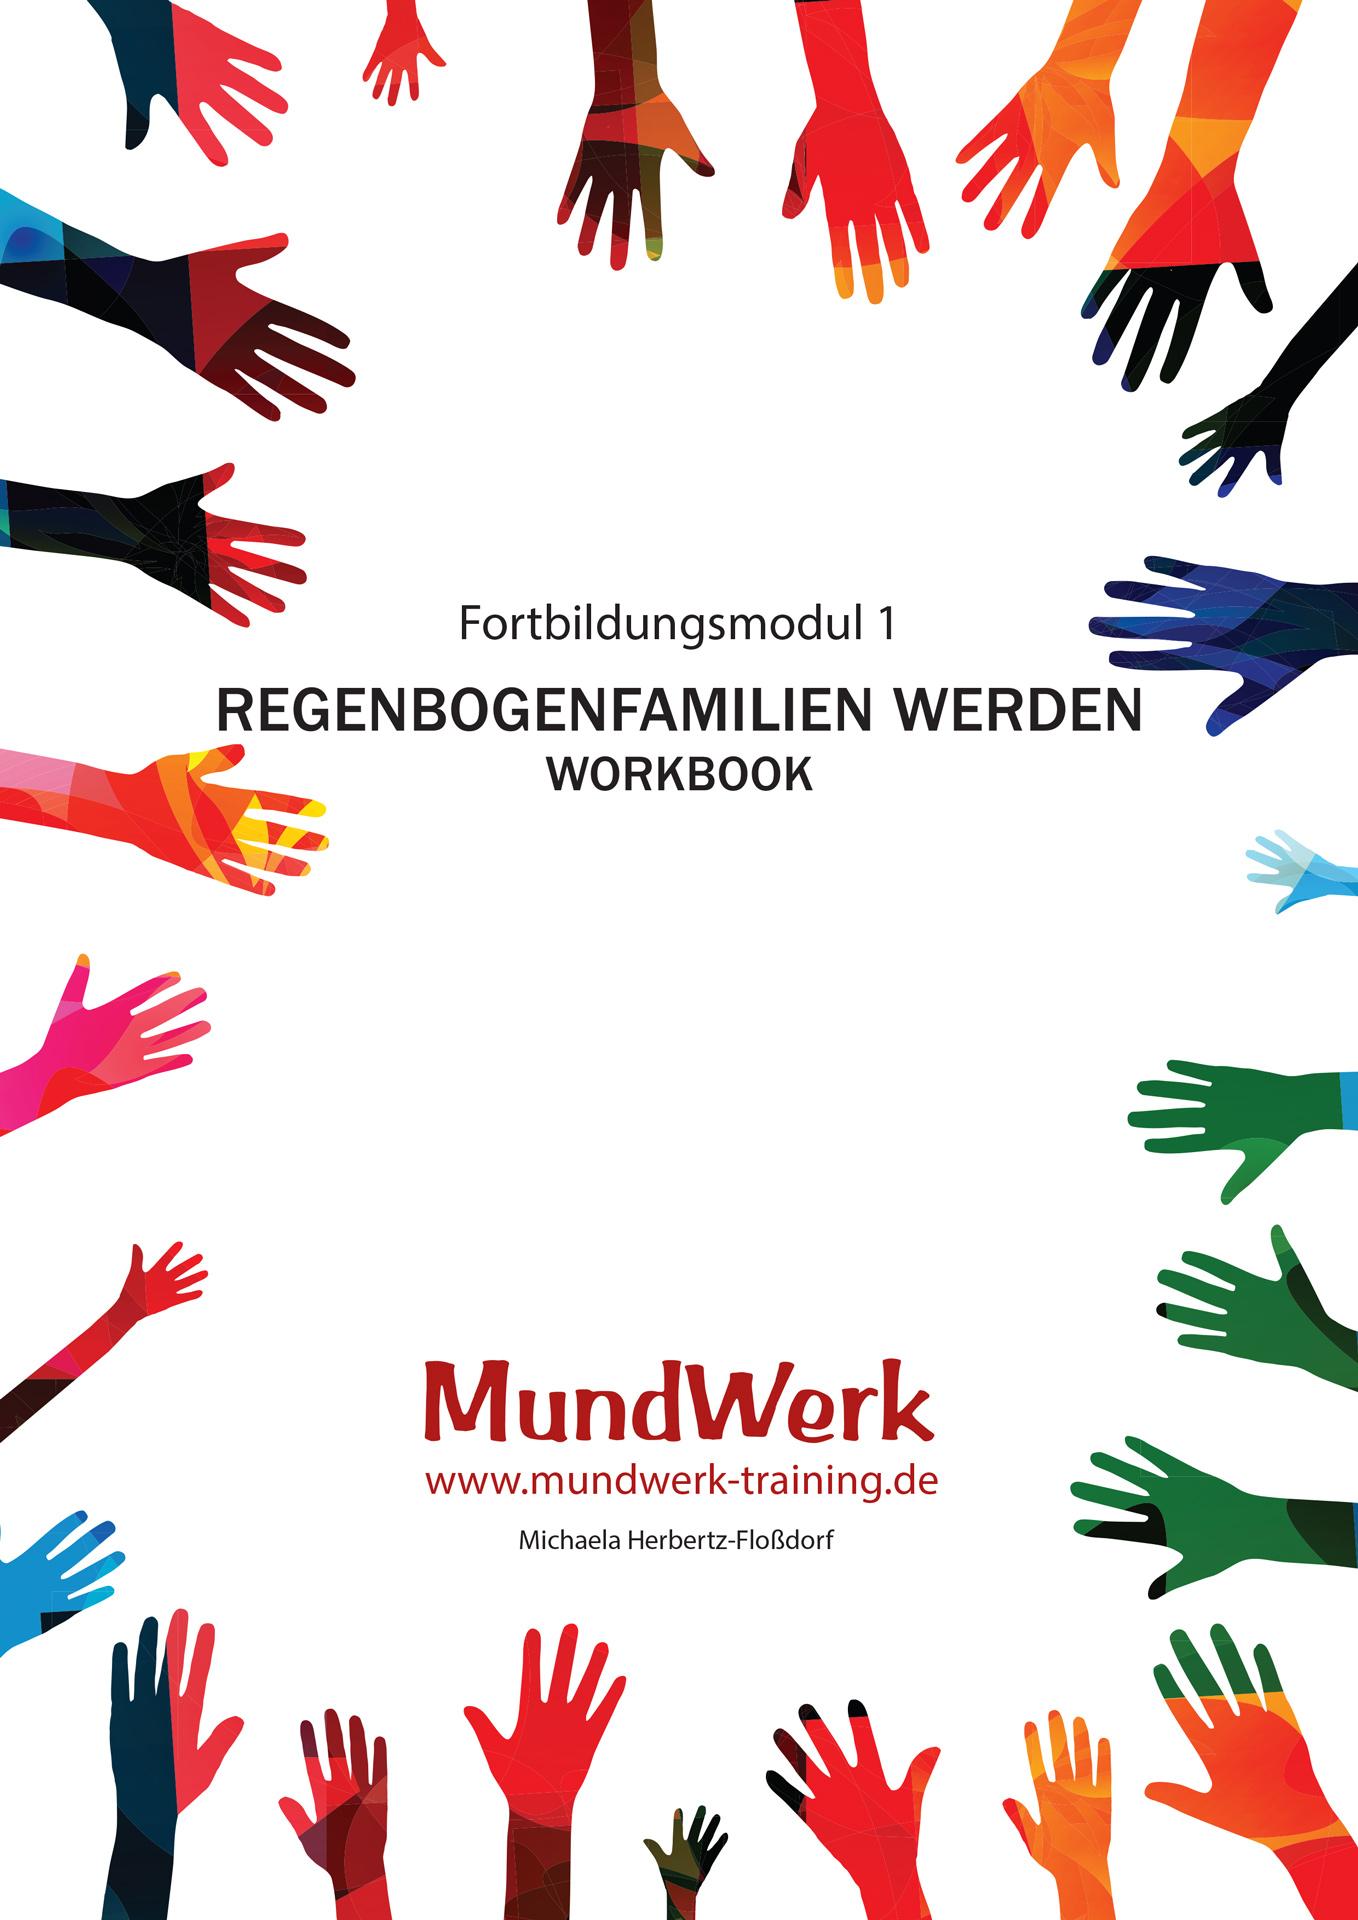 WorkbookRegenbogenfamilie werden